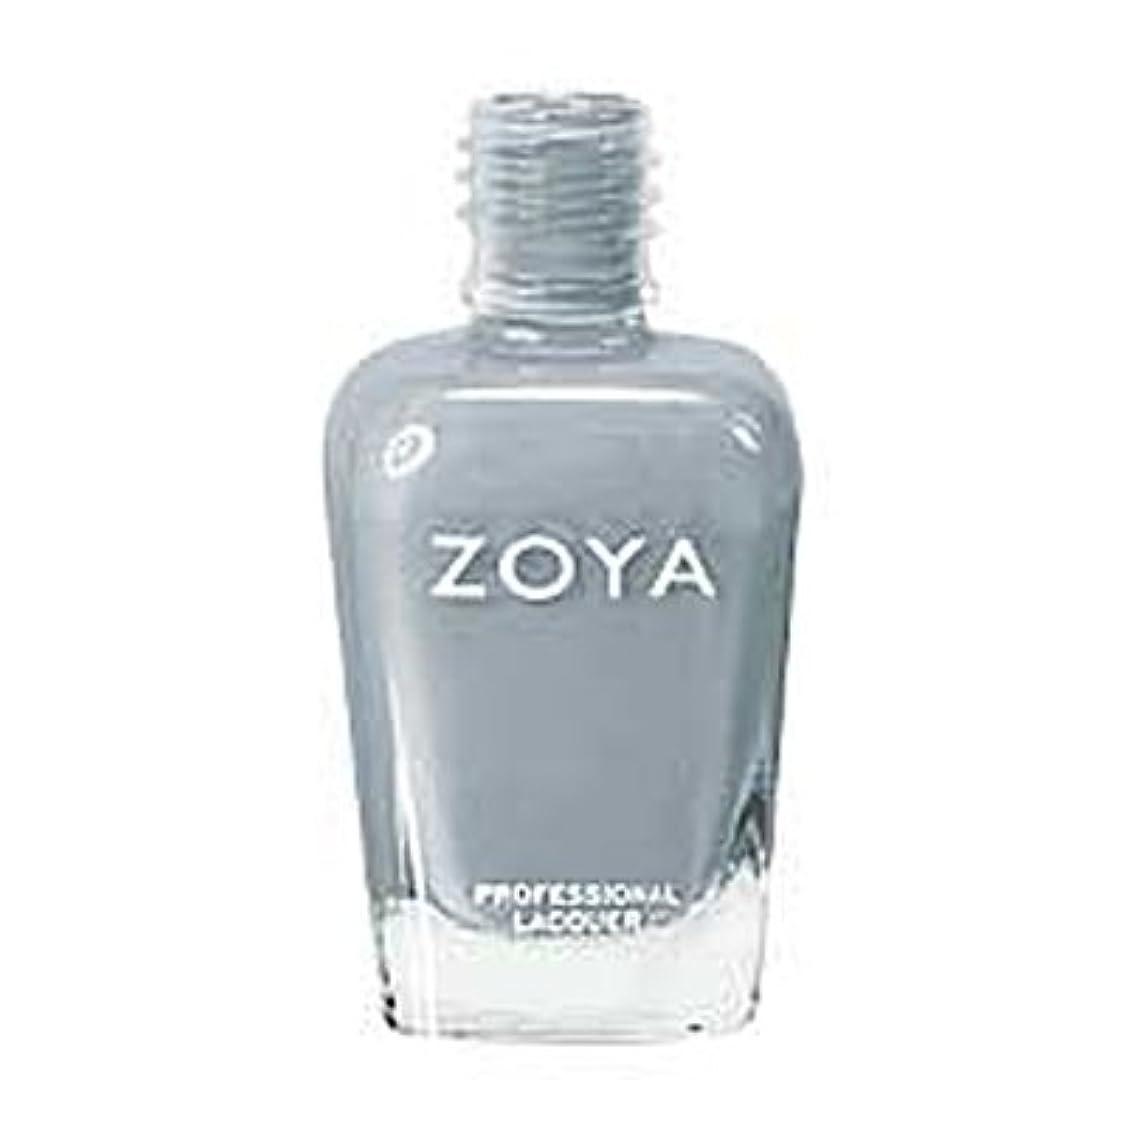 雑品競う伸ばす[Zoya] ZP591 クリスティン [Feel Collection][並行輸入品][海外直送品]